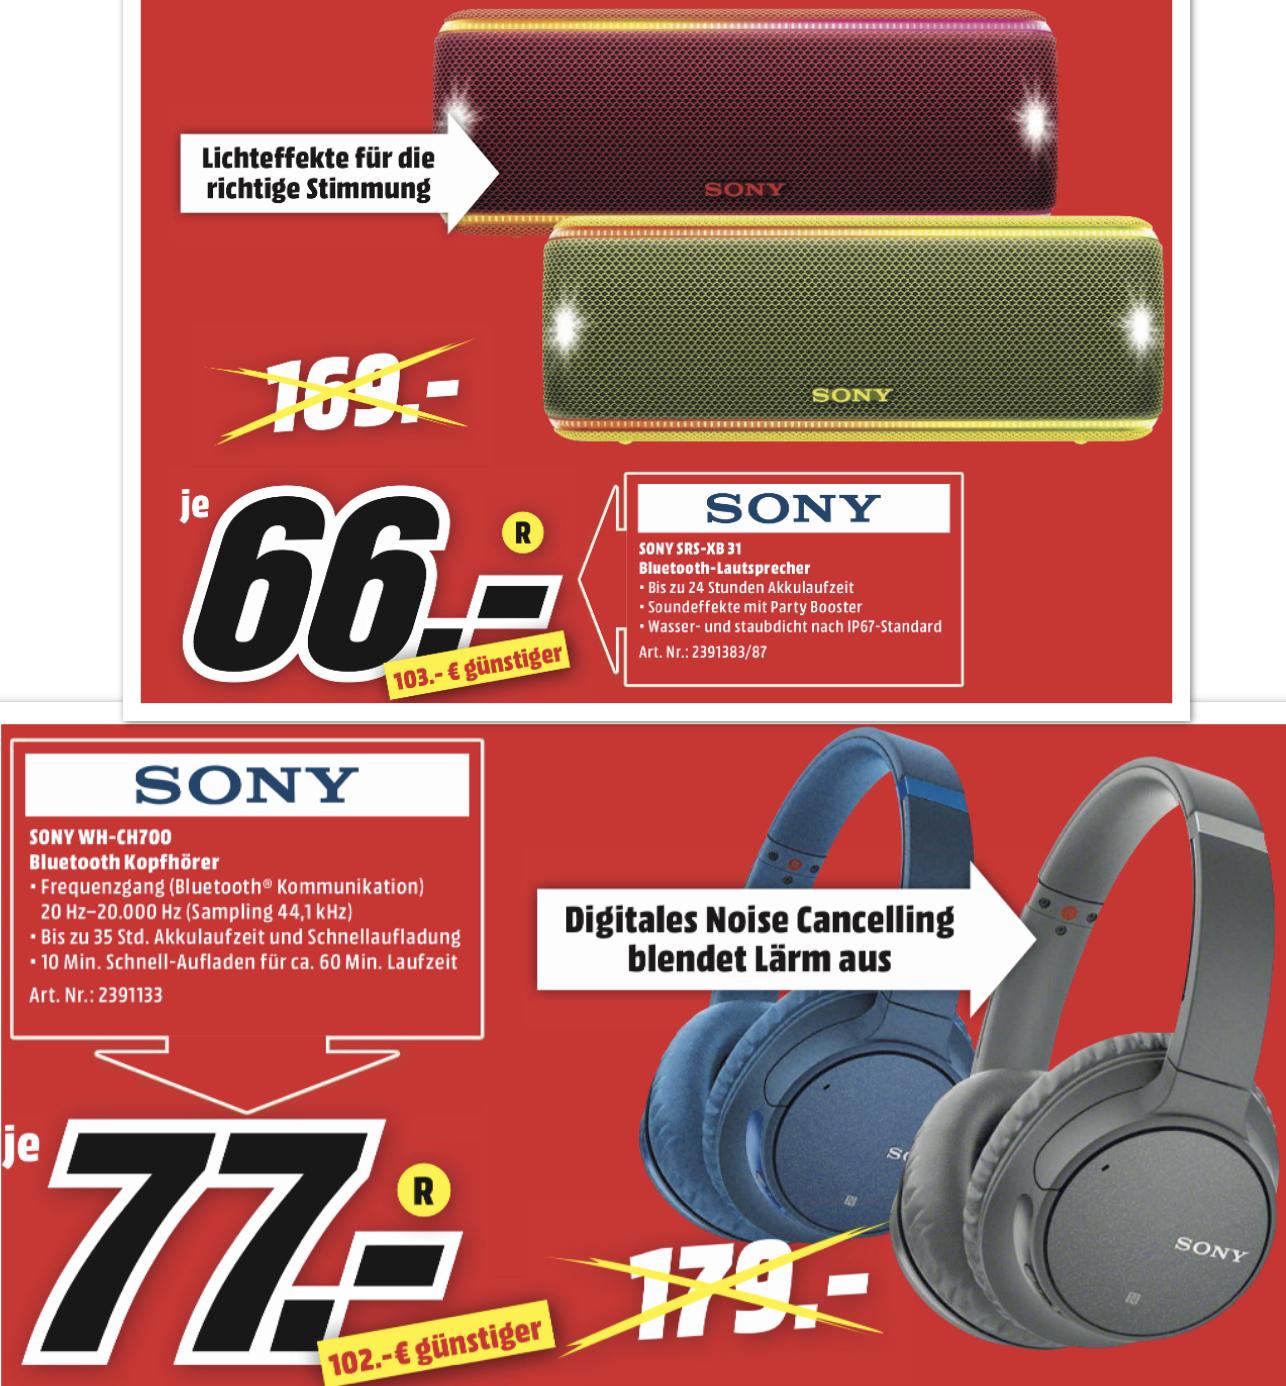 Lokal MediaMarkt Rendsburg: Sony WH-CH700N Bluetooth Kopfhörer mit Noise Cancelling für 77€ o. Sony SRS-XB 31 Bluetooth Lautsprecher für 66€